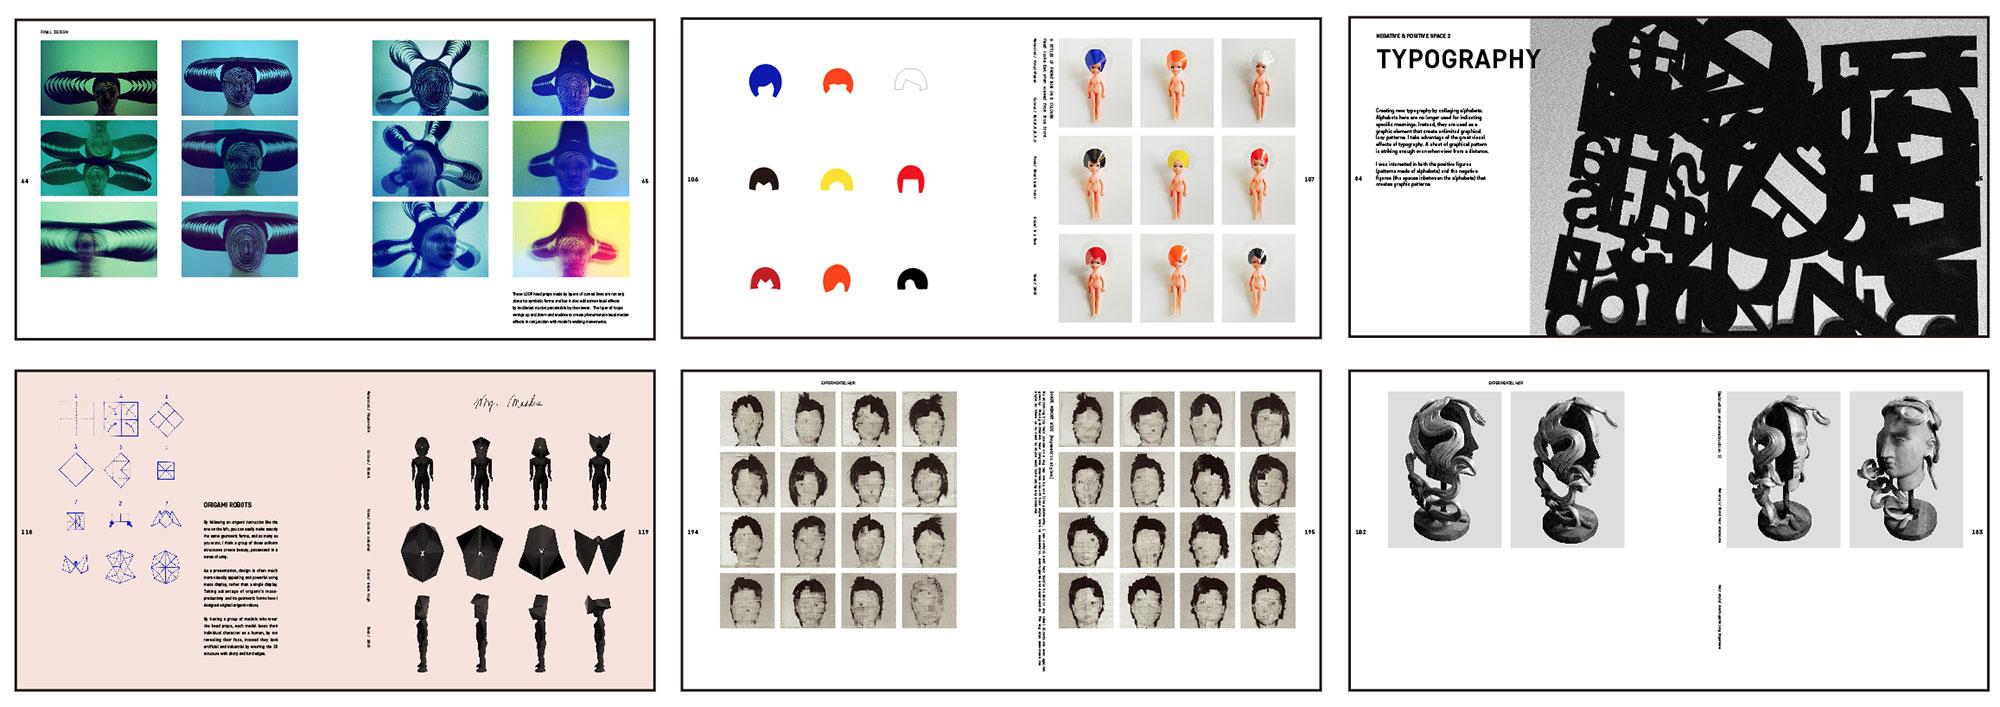 『HEAD PROP studies 2013-2016』